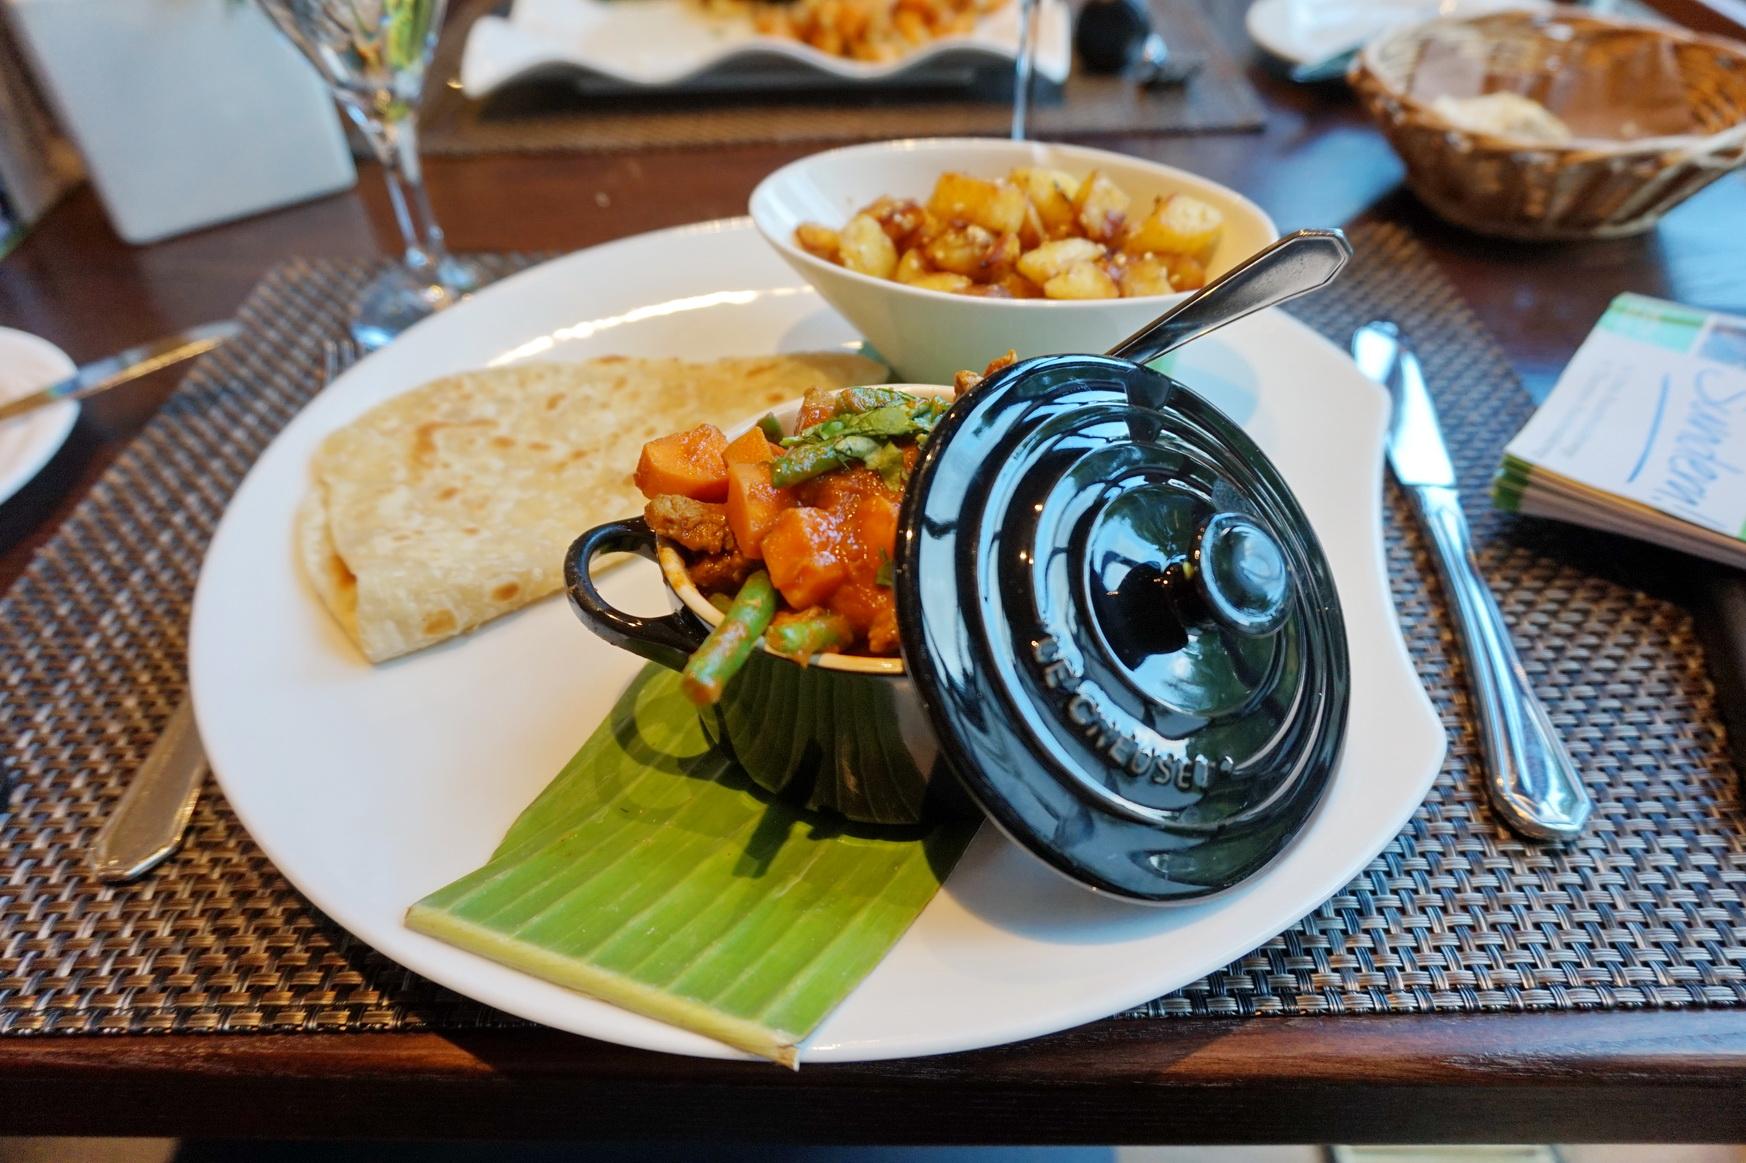 Rindfleisch Besan Ka Curry im Sunderland Hotel in Sundern im Sauerland